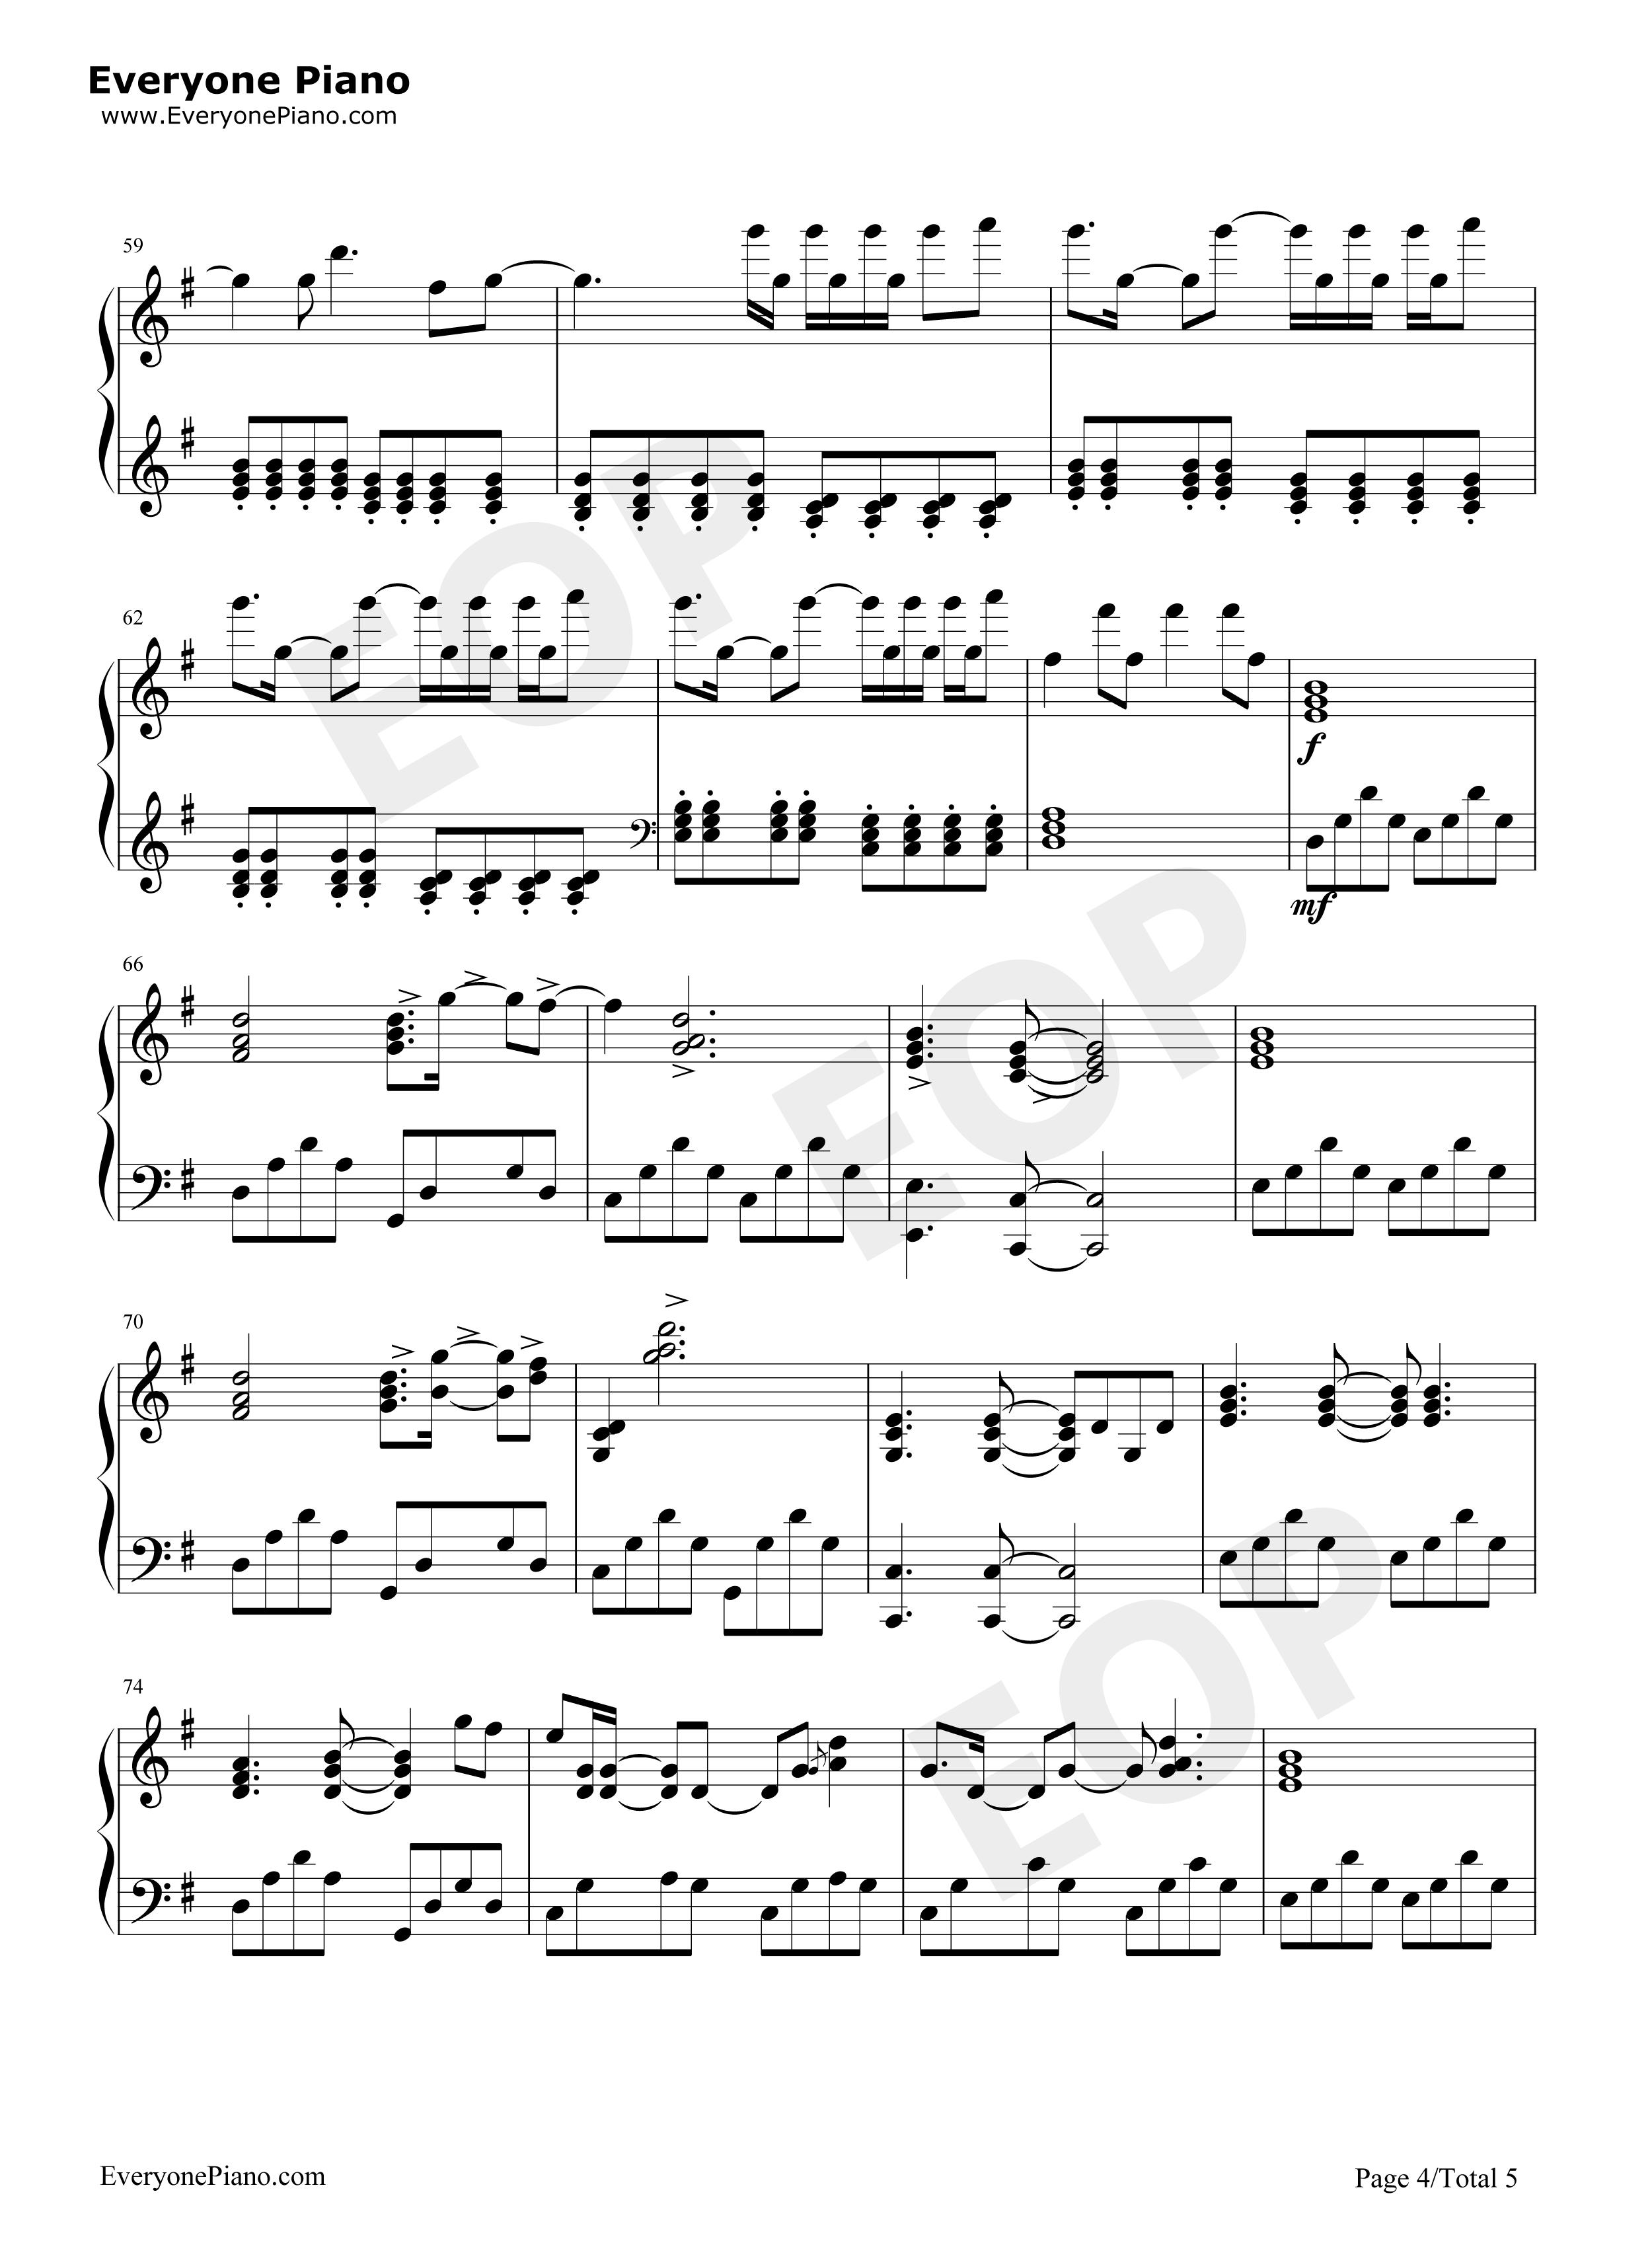 钢琴曲轻音乐谱-A Little Story - Valentin五线谱预览   ( 共4张 )   可使用右键另存为下